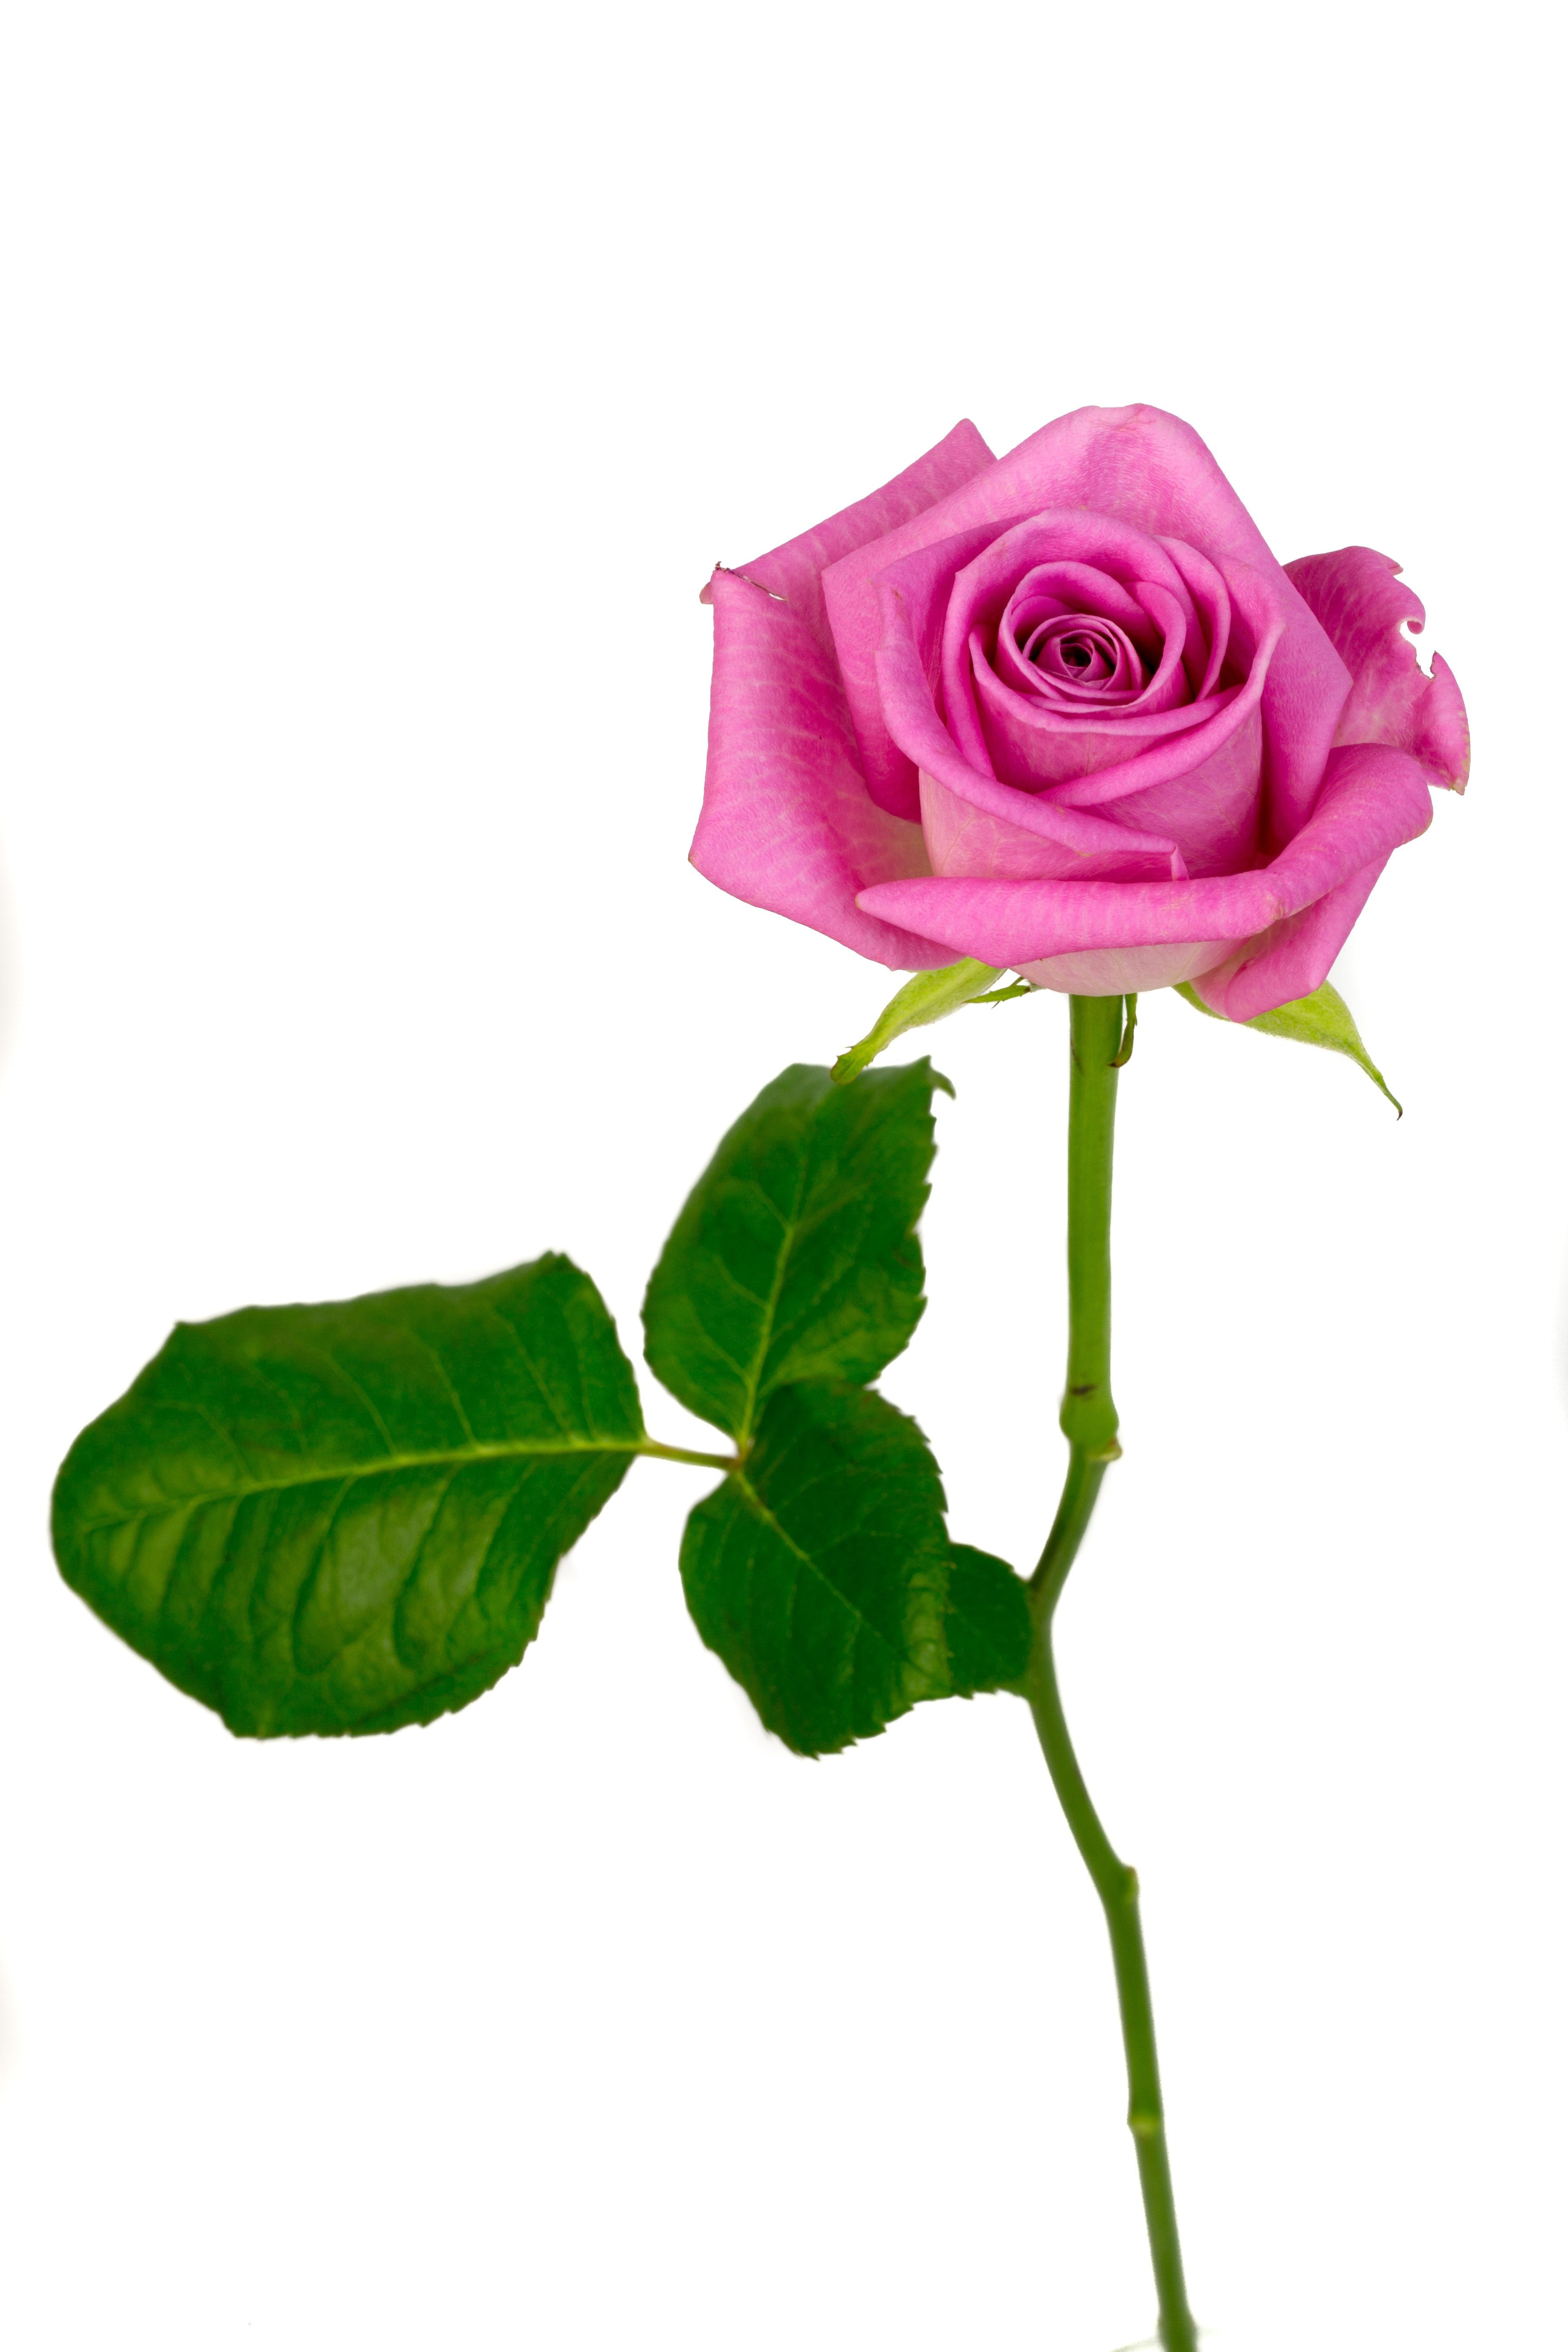 Fotos gratis p talo florecer macro rosado flores - Cortar hierba alta ...